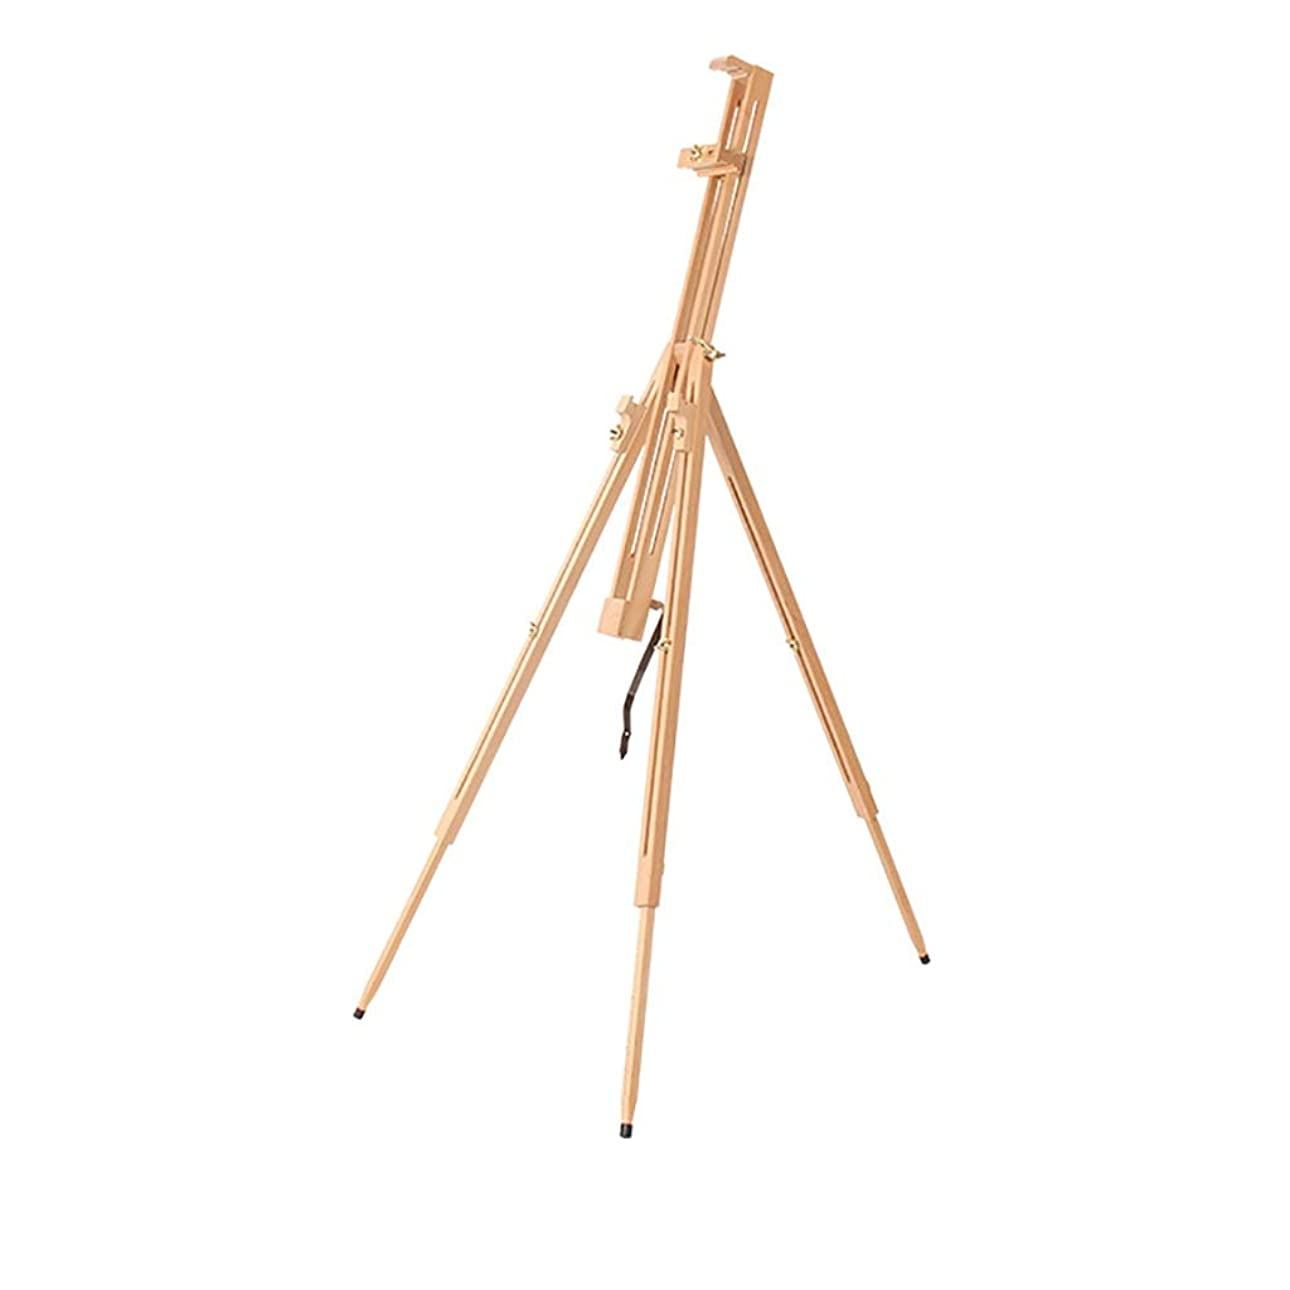 スーツケース豊富な丁寧頑丈で丈夫 純正木製折りたたみ式三角形イーゼル学生スケッチイーゼル木製ディスプレイスタンド高さ調節可能80 * 76 *(123?182)cm